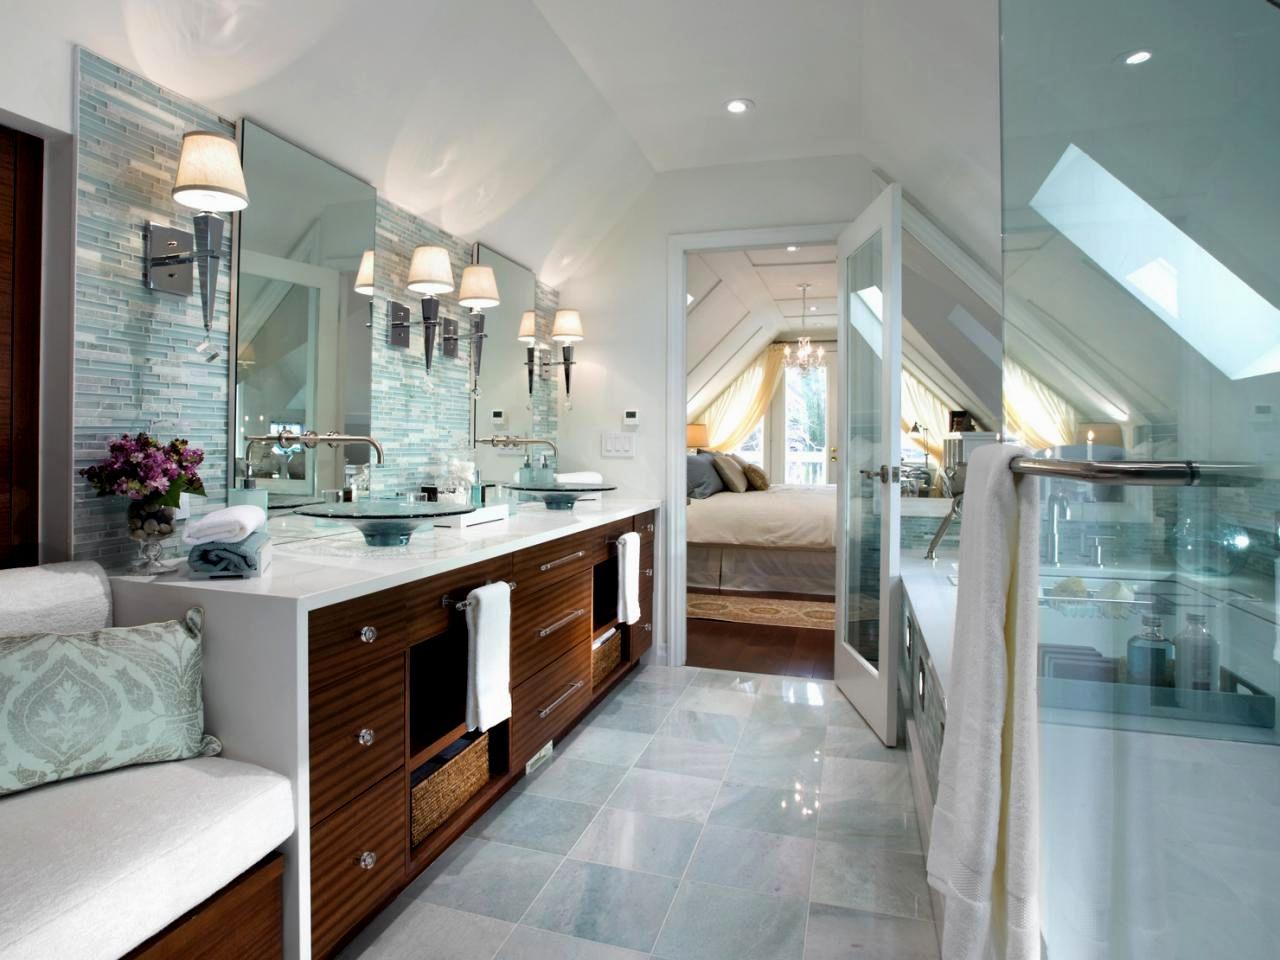 unique cheap bathroom vanities gallery-Cute Cheap Bathroom Vanities Construction